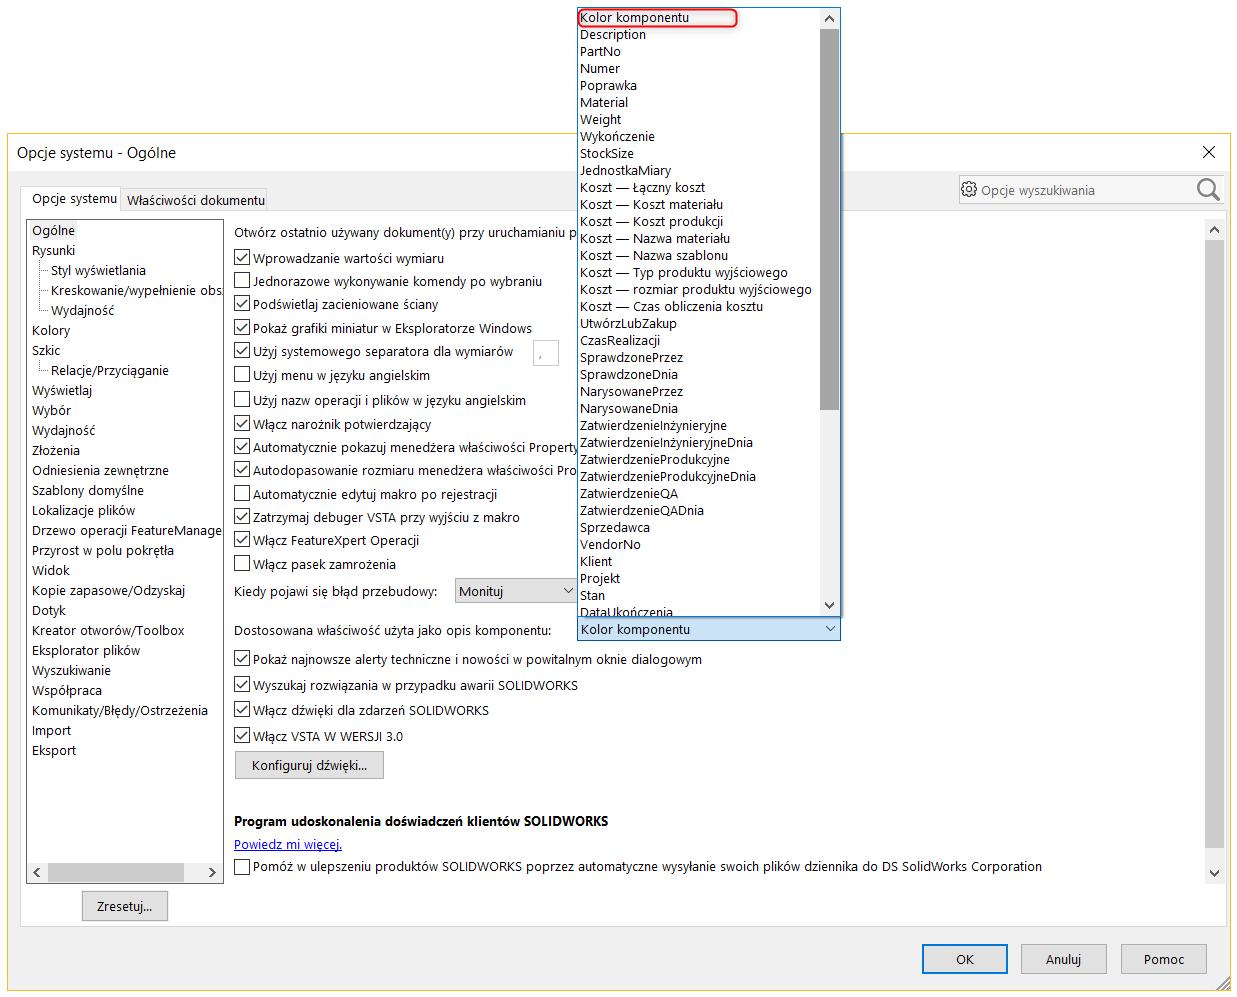 """Dodana właściwość do menu rozwijalnego w """"Opcjach"""""""